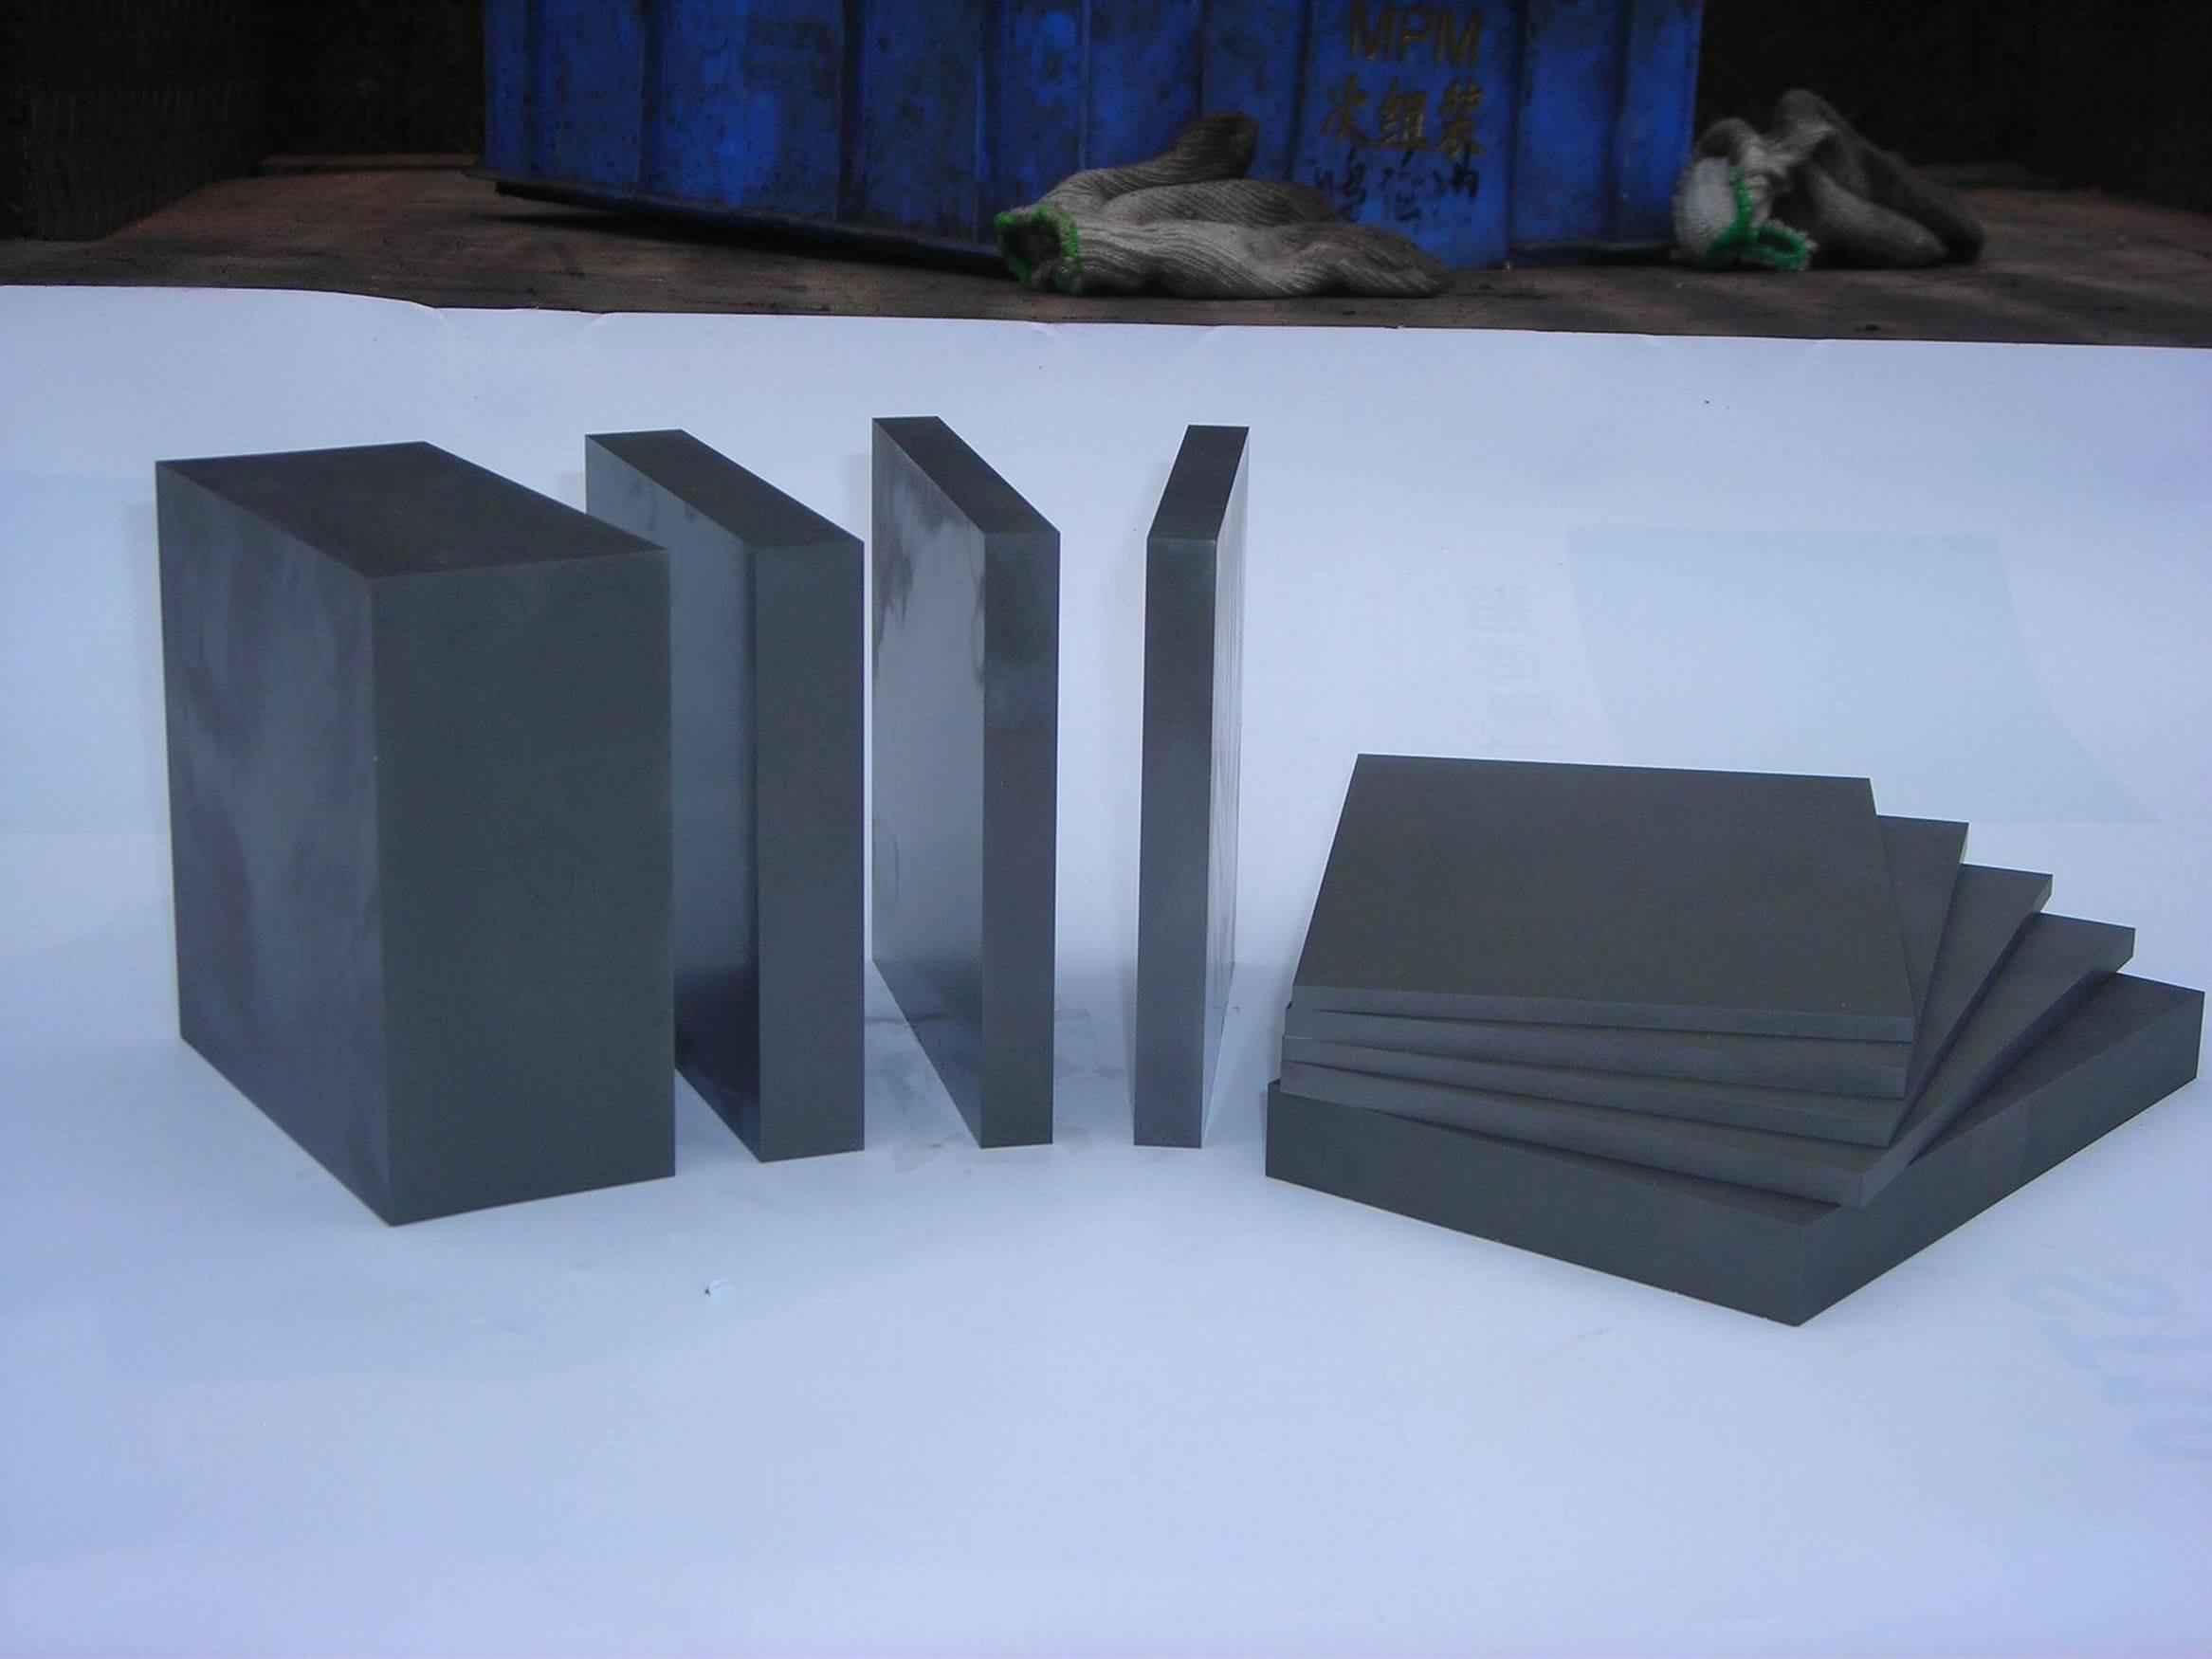 acier de tungst ne dur de l 39 acier alli st5 acier de tungst ne dur de l 39 acier alli st5 fournis. Black Bedroom Furniture Sets. Home Design Ideas